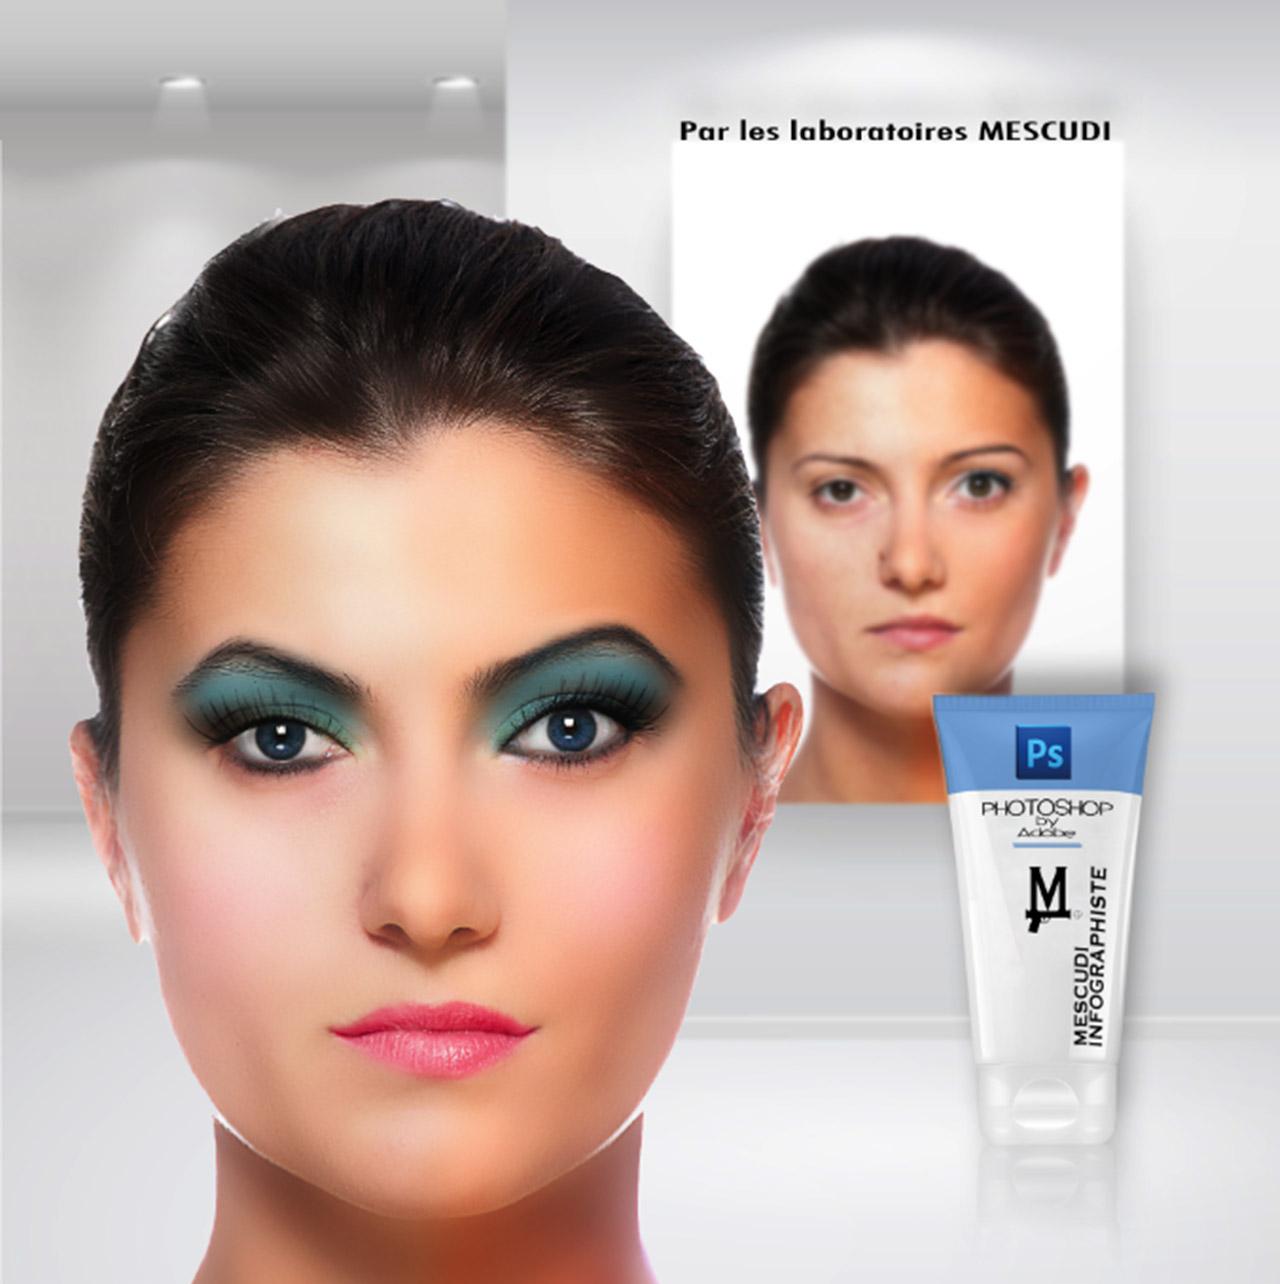 Et Retouches PhotoshopPeau MaquillageCommunication Et MaquillageCommunication Retouches PhotoshopPeau knwO0P